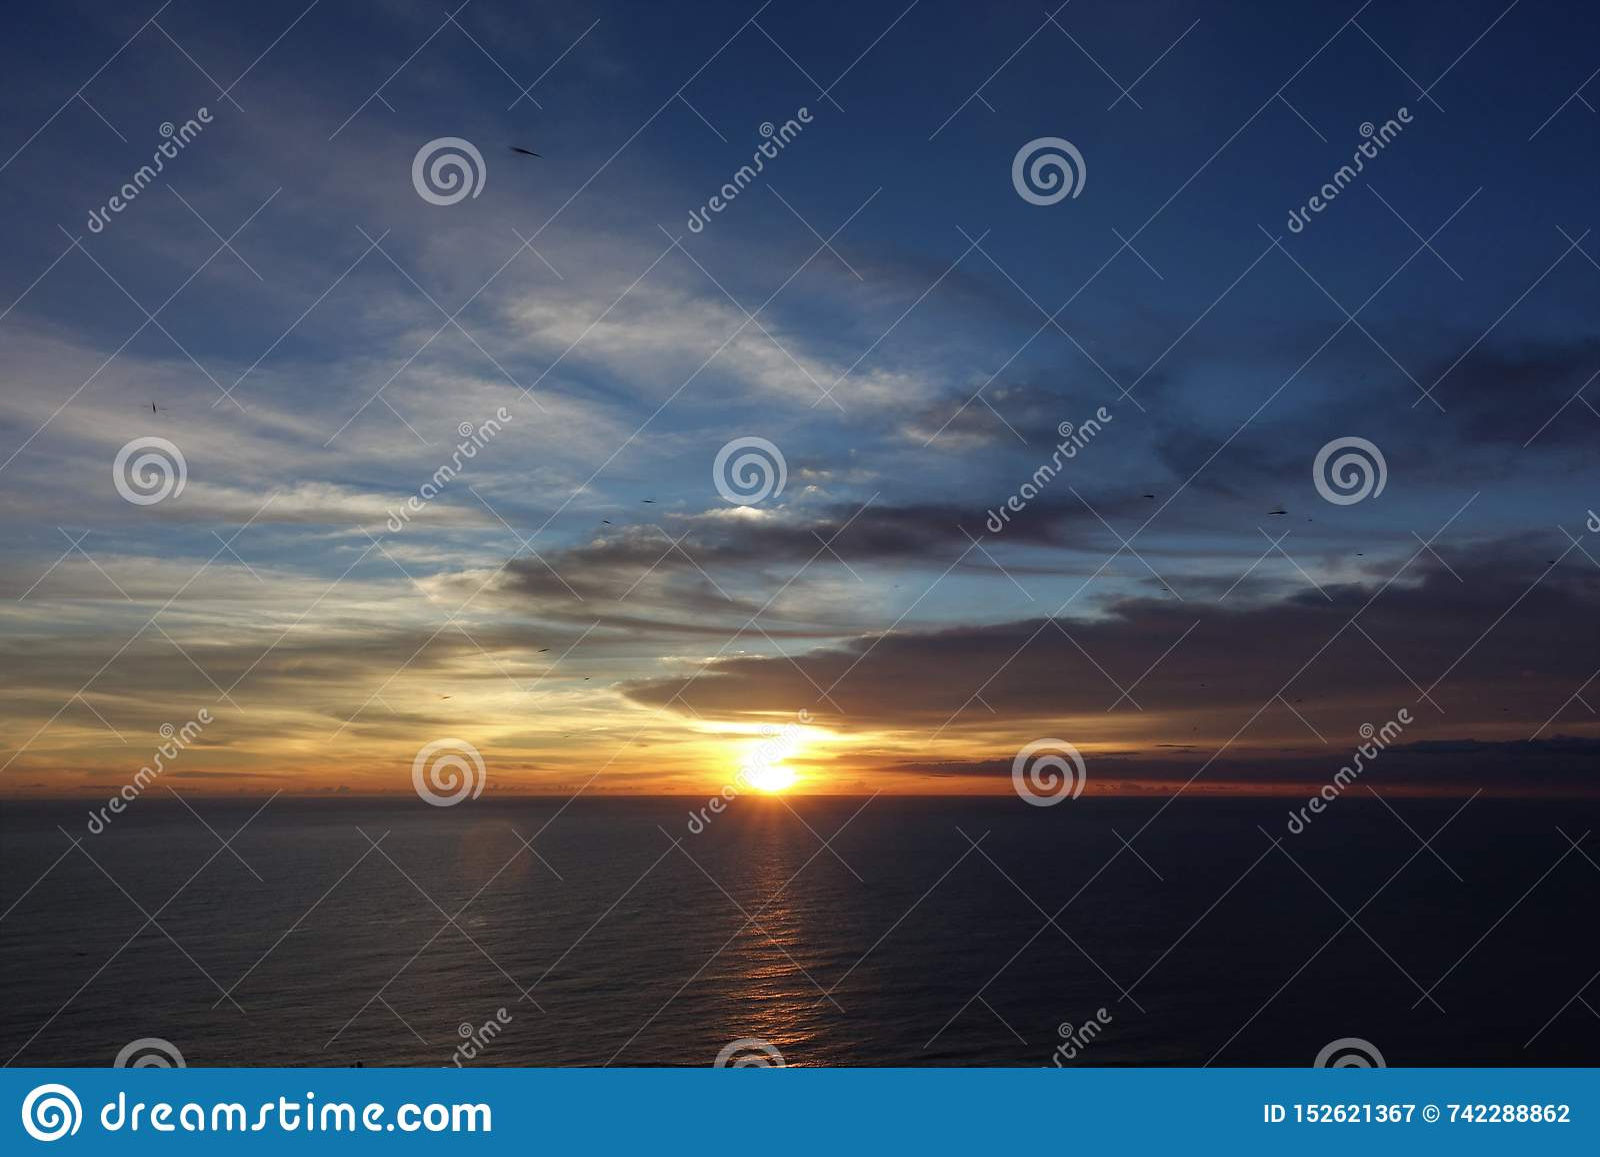 Sunset in guanshan of Taiwan